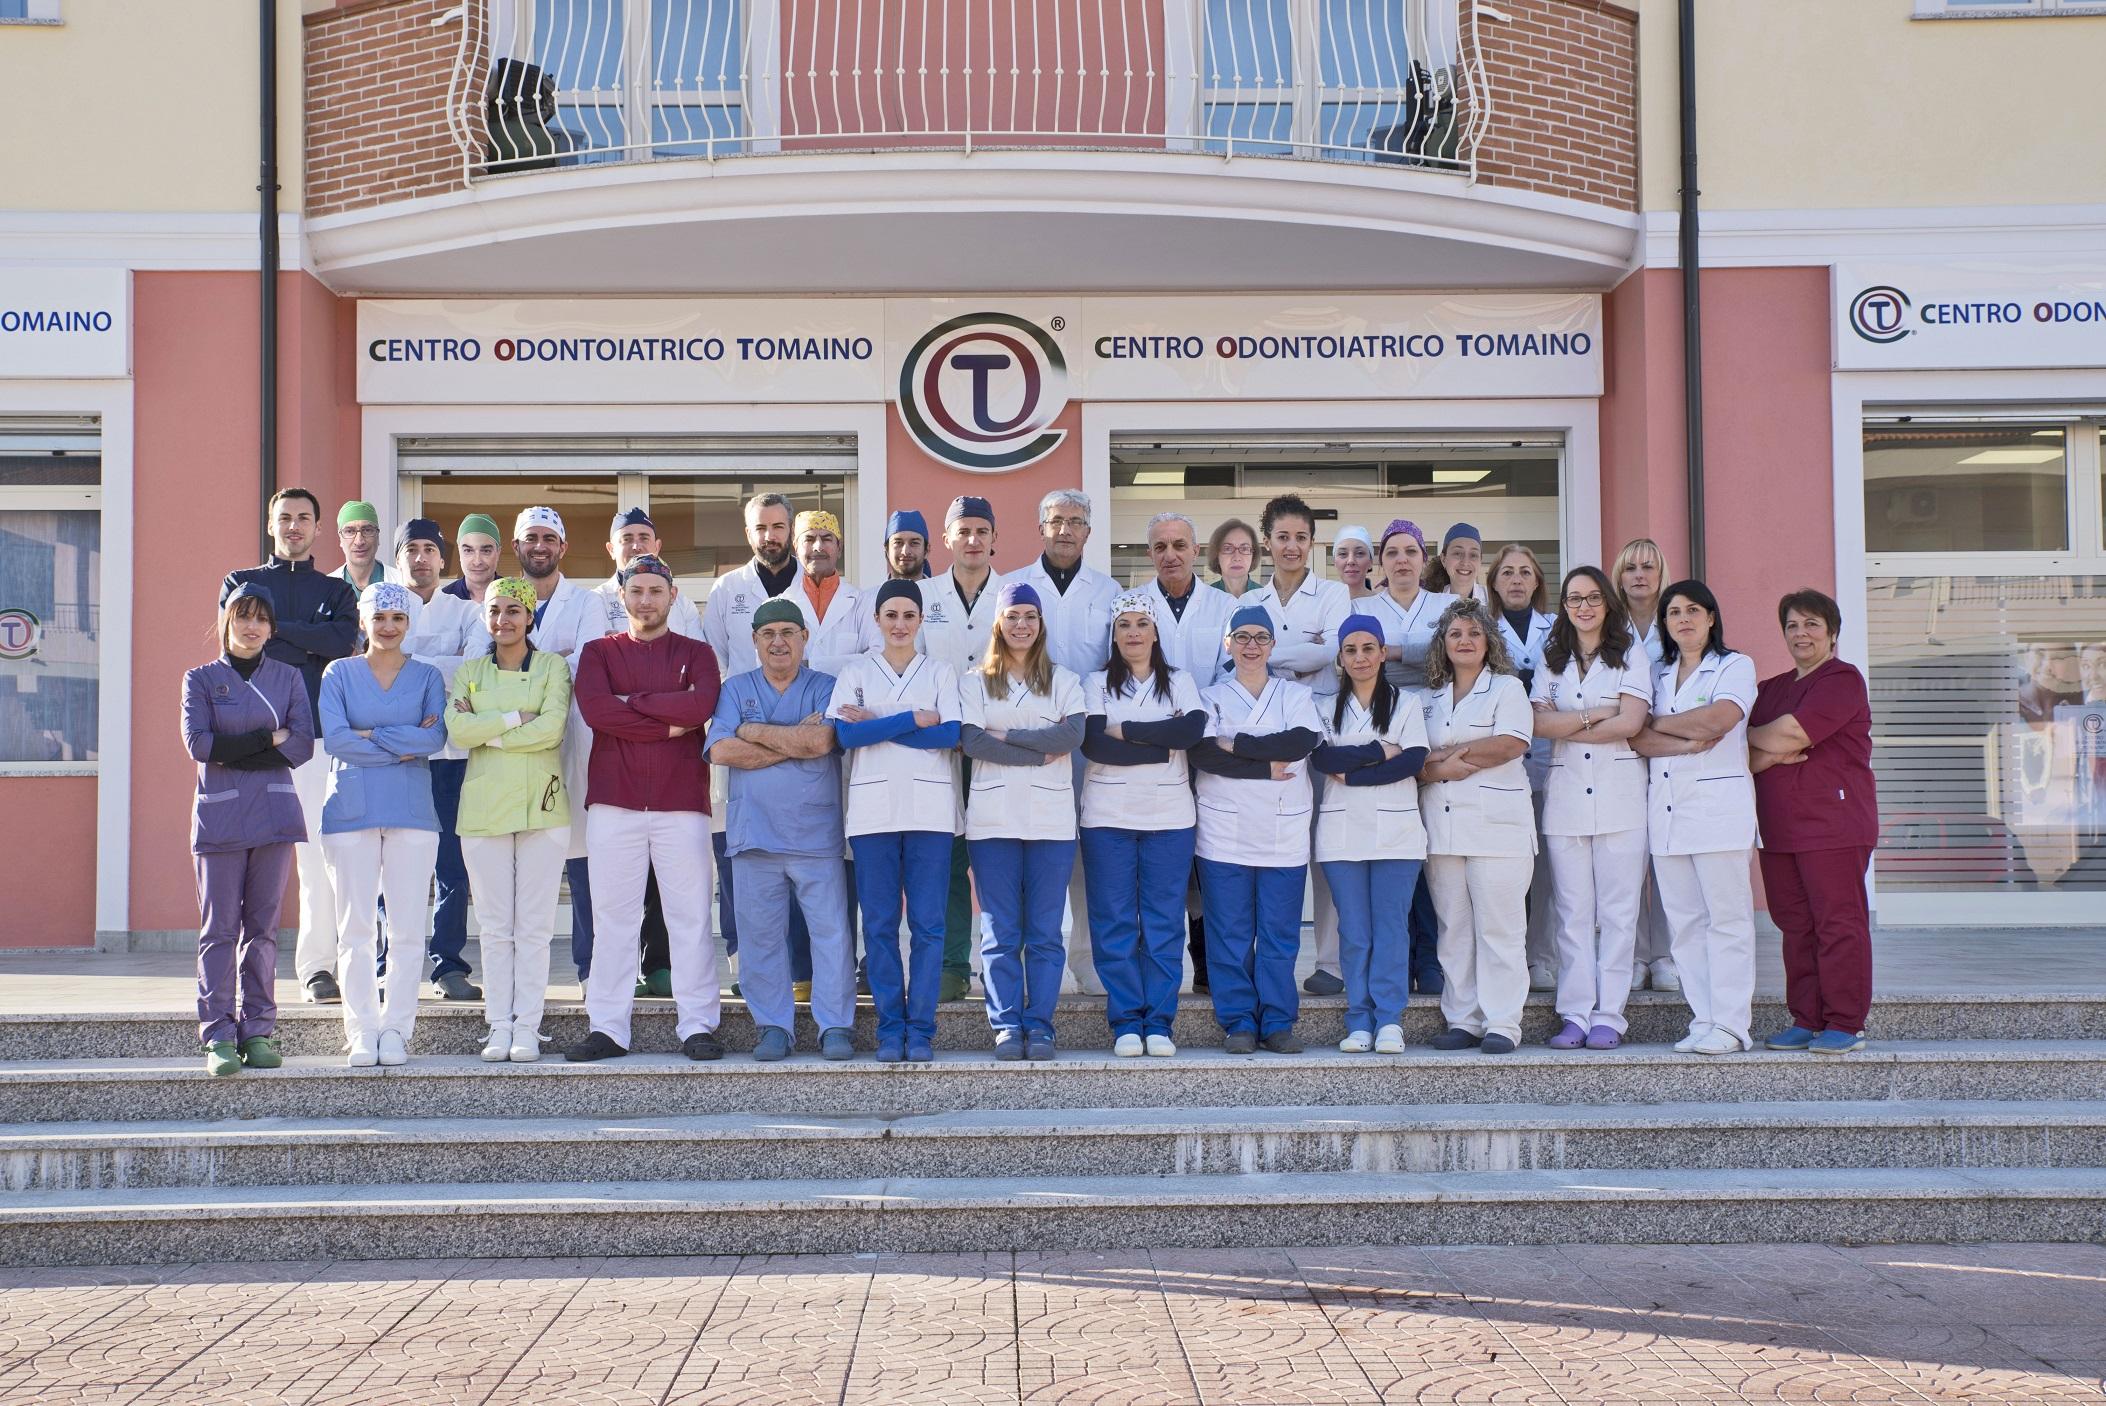 Centro Odontoiatrico Tomaino a SatrianoUna risposta alle esigente dei pazienti